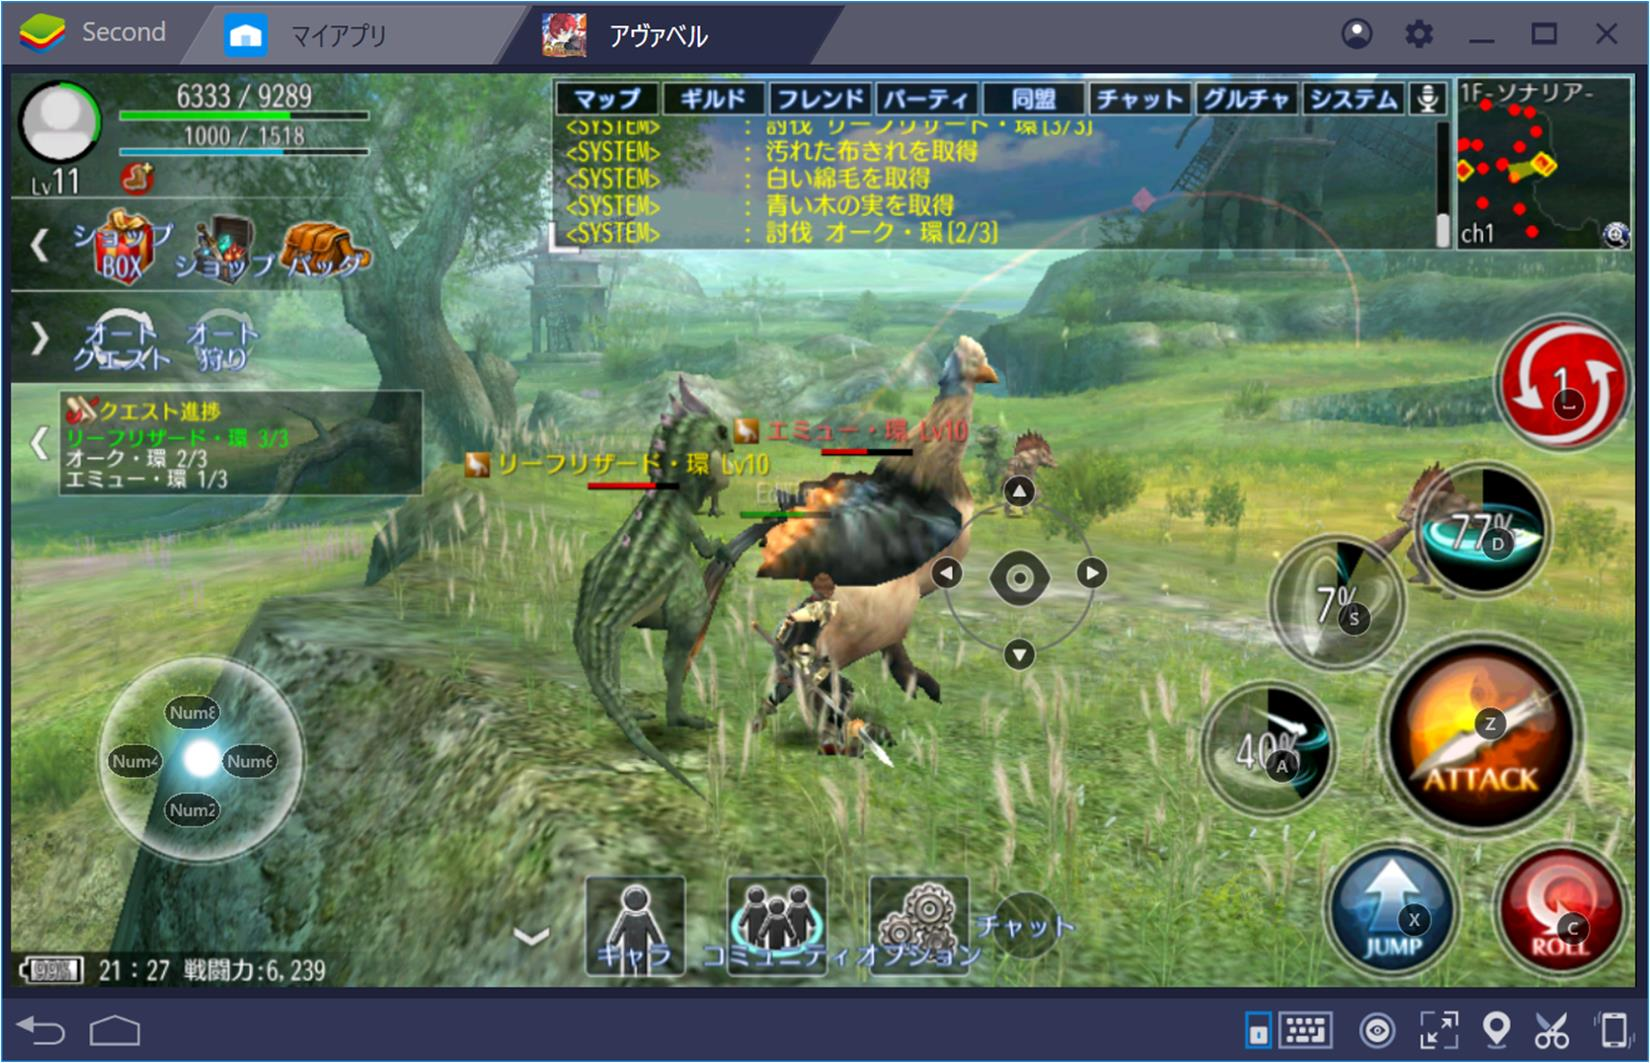 BlueStacksを使ってPCで アヴァベルオンライン絆の塔 を遊ぼう